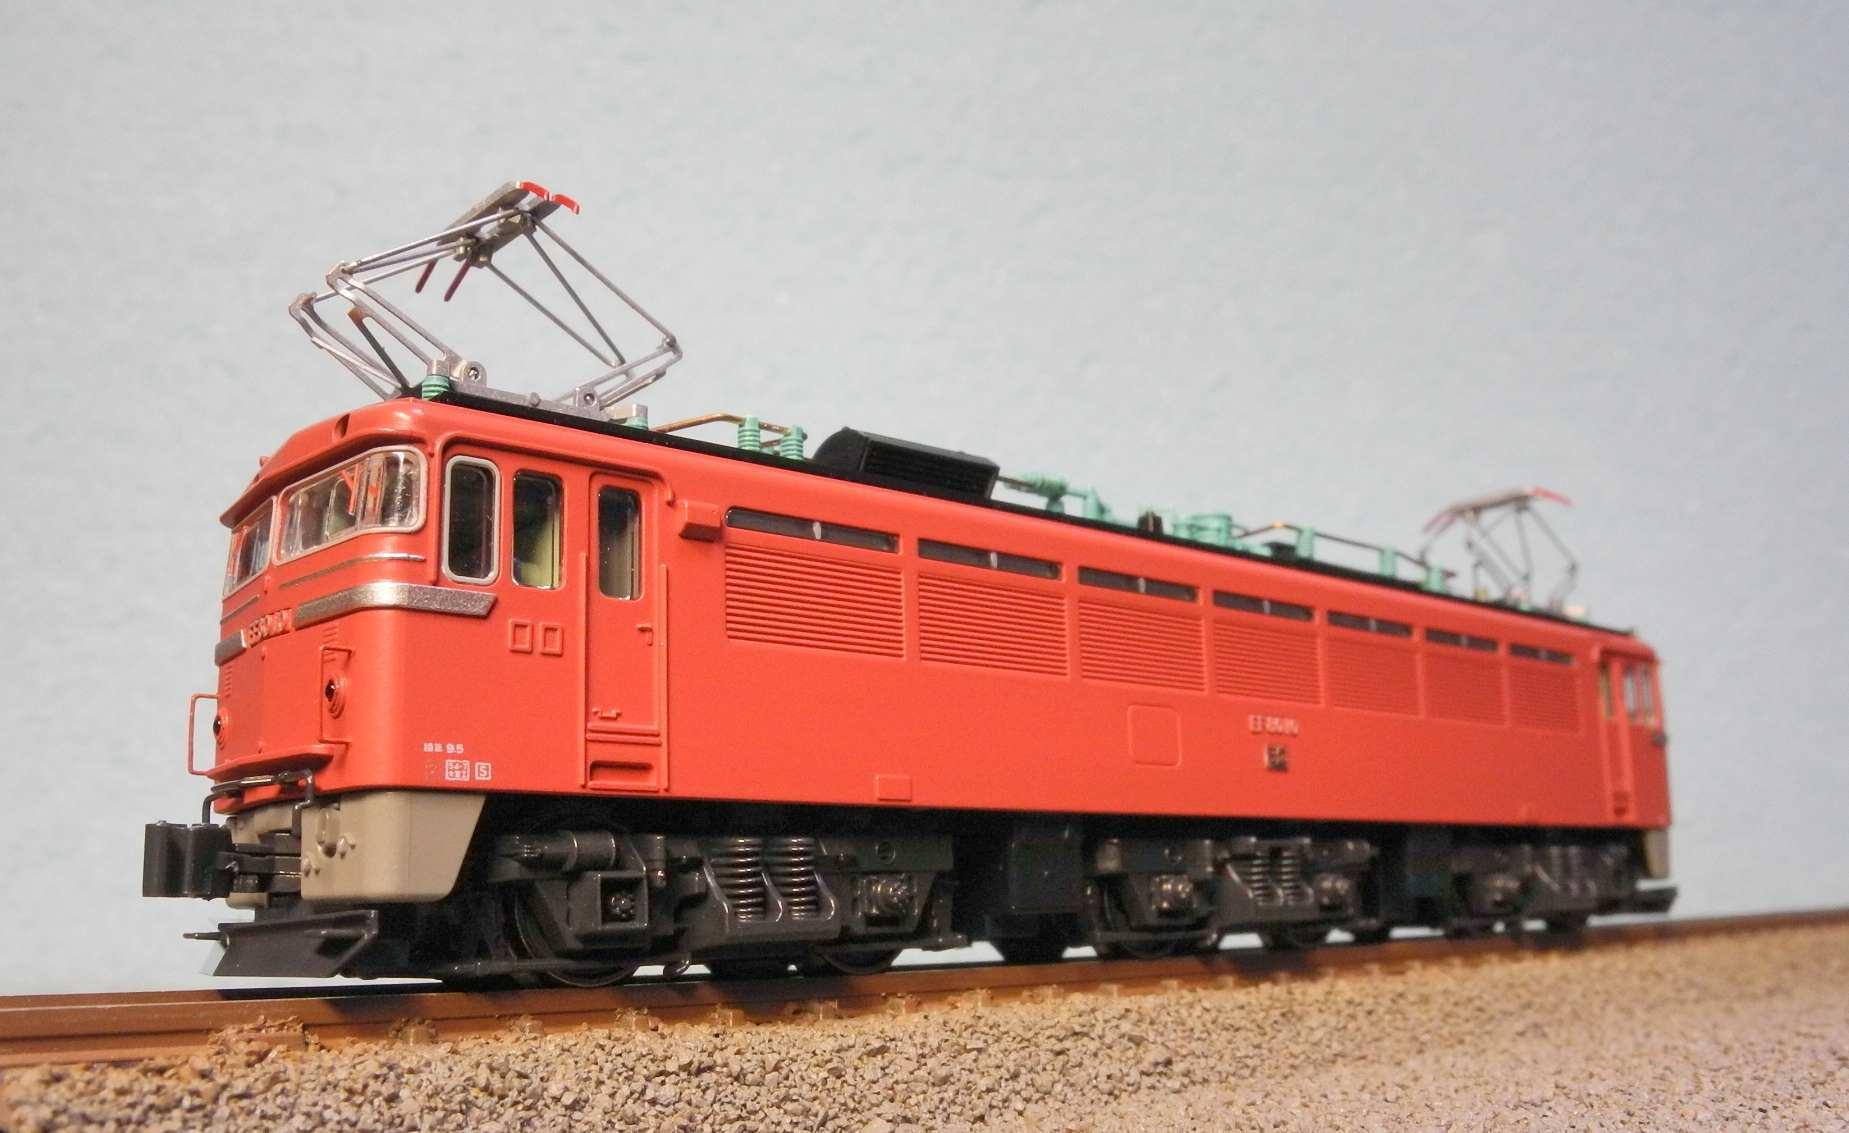 DSCN9651-1.jpg